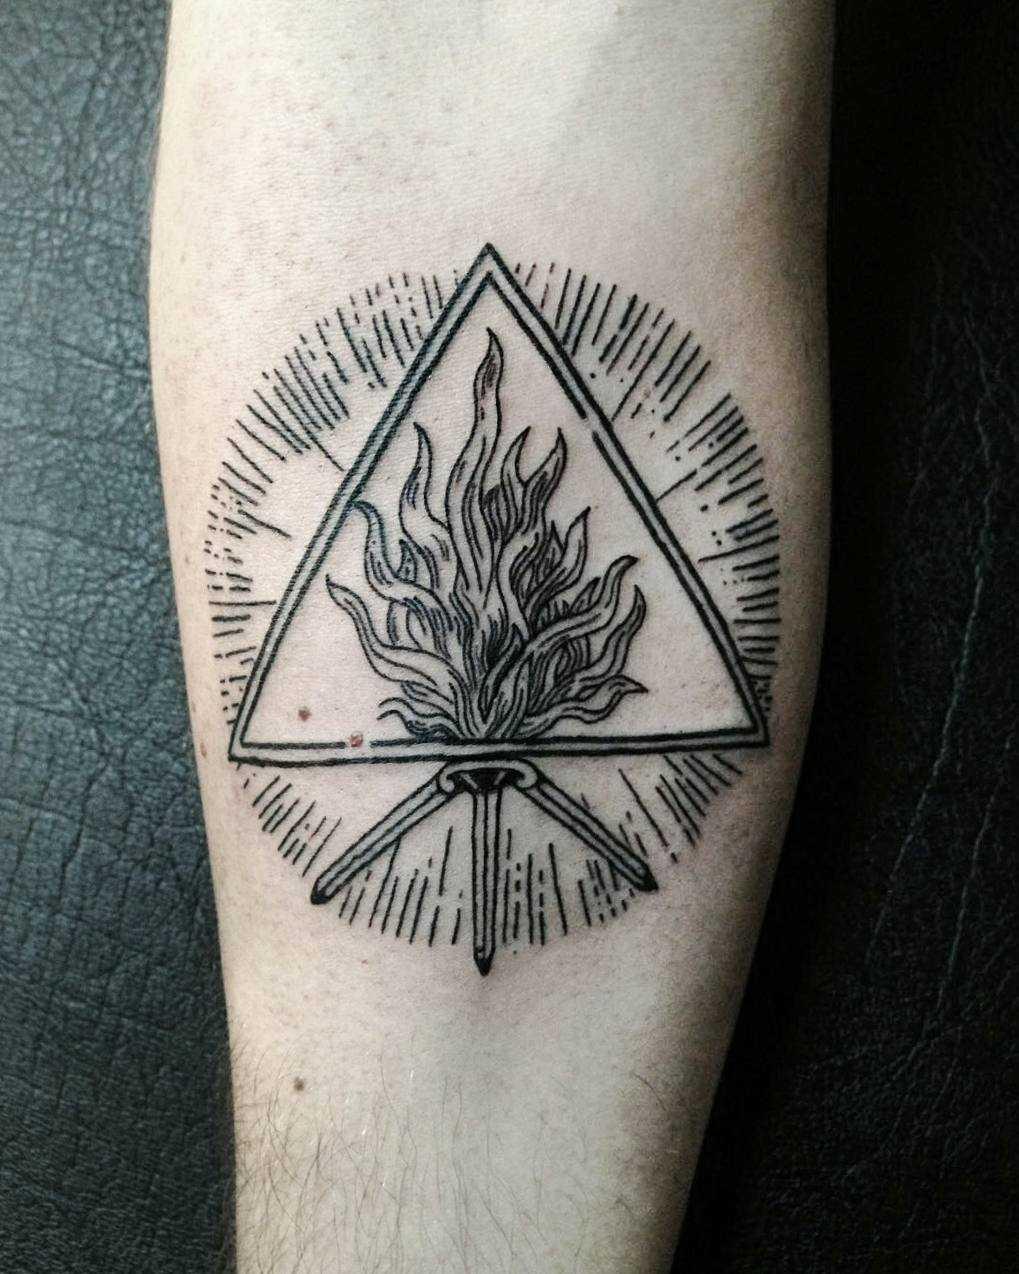 Speculum veritatis tattoo